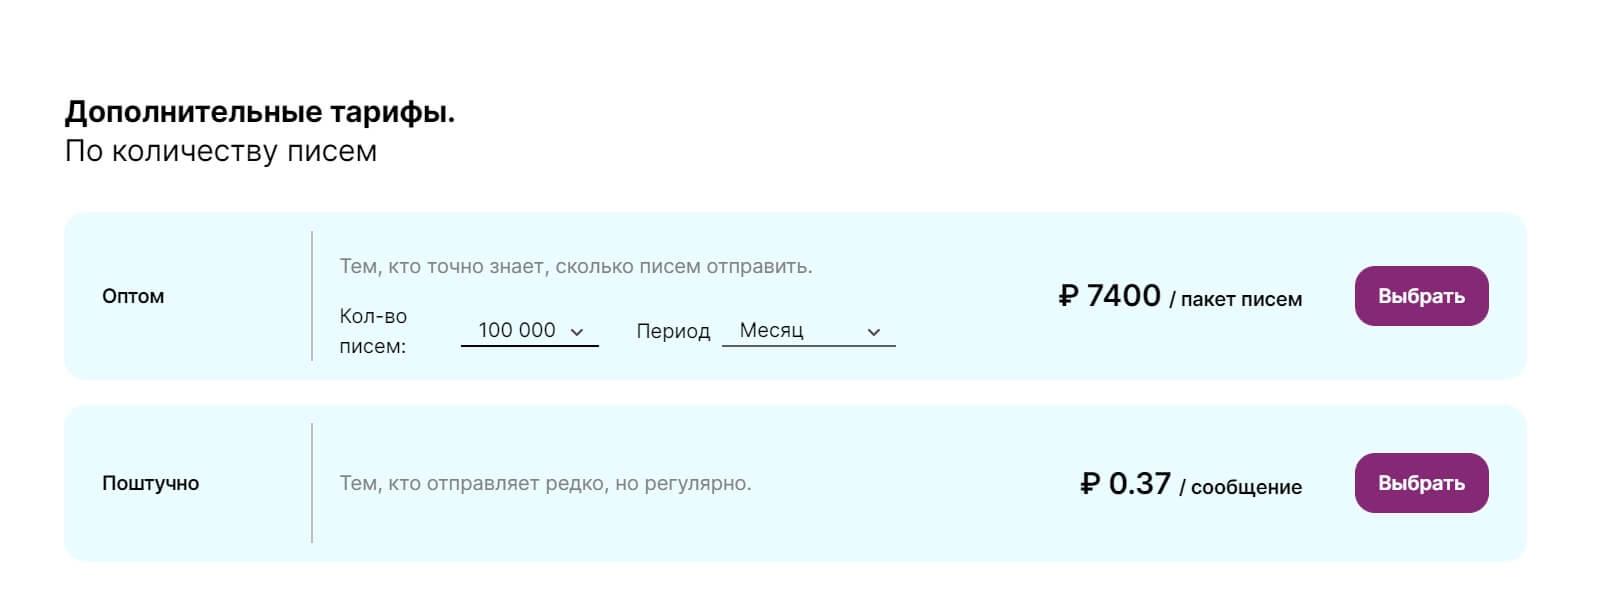 Стоимость тарифов «Оптом» и «Поштучно» в Unisender